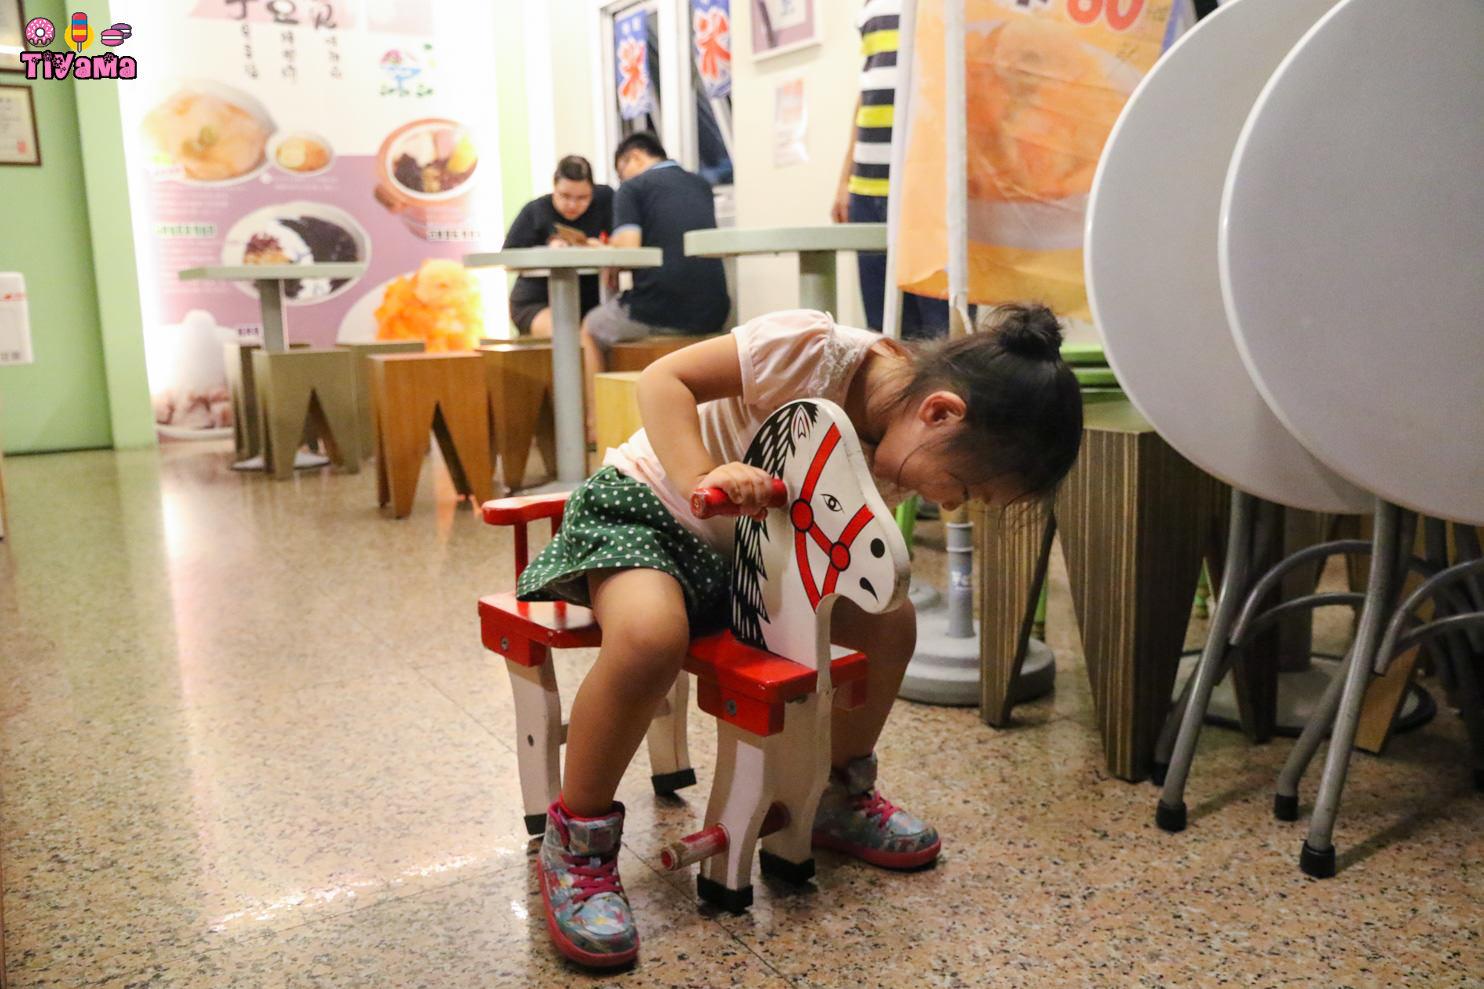 台南甜品冰品店|芋豆賞.北園街美食:芒果牛奶冰&芋頭牛奶冰 @緹雅瑪 美食旅遊趣